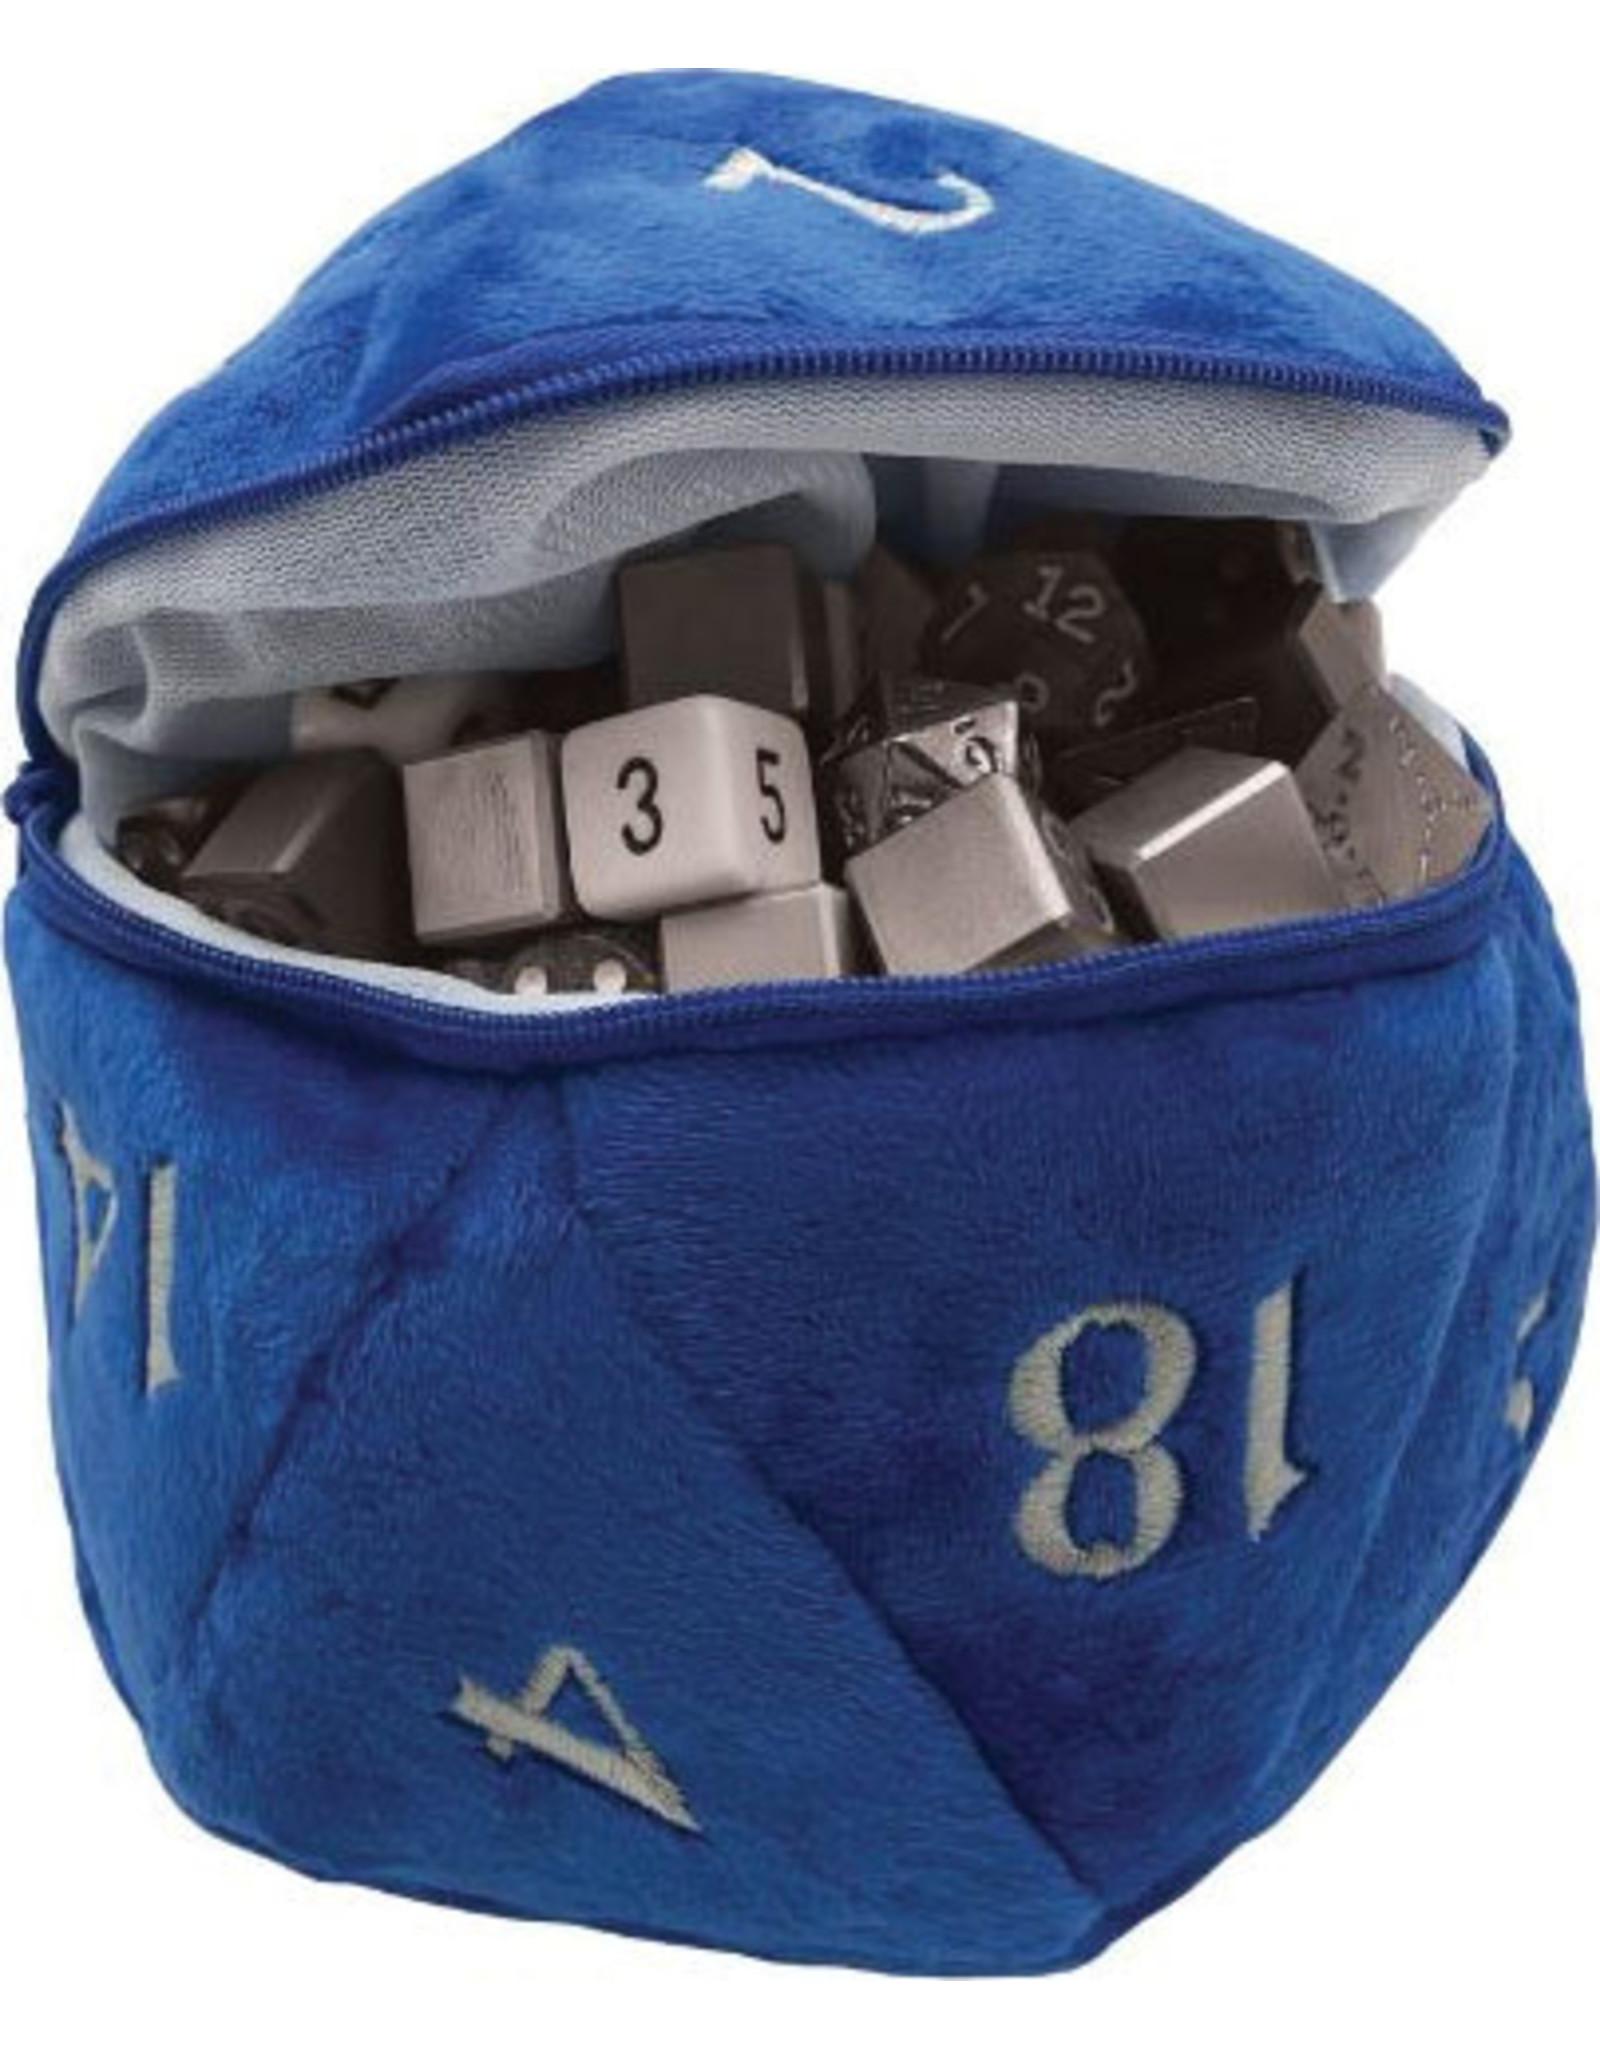 Ultra Pro D20 Plush Dice Bag - Blue